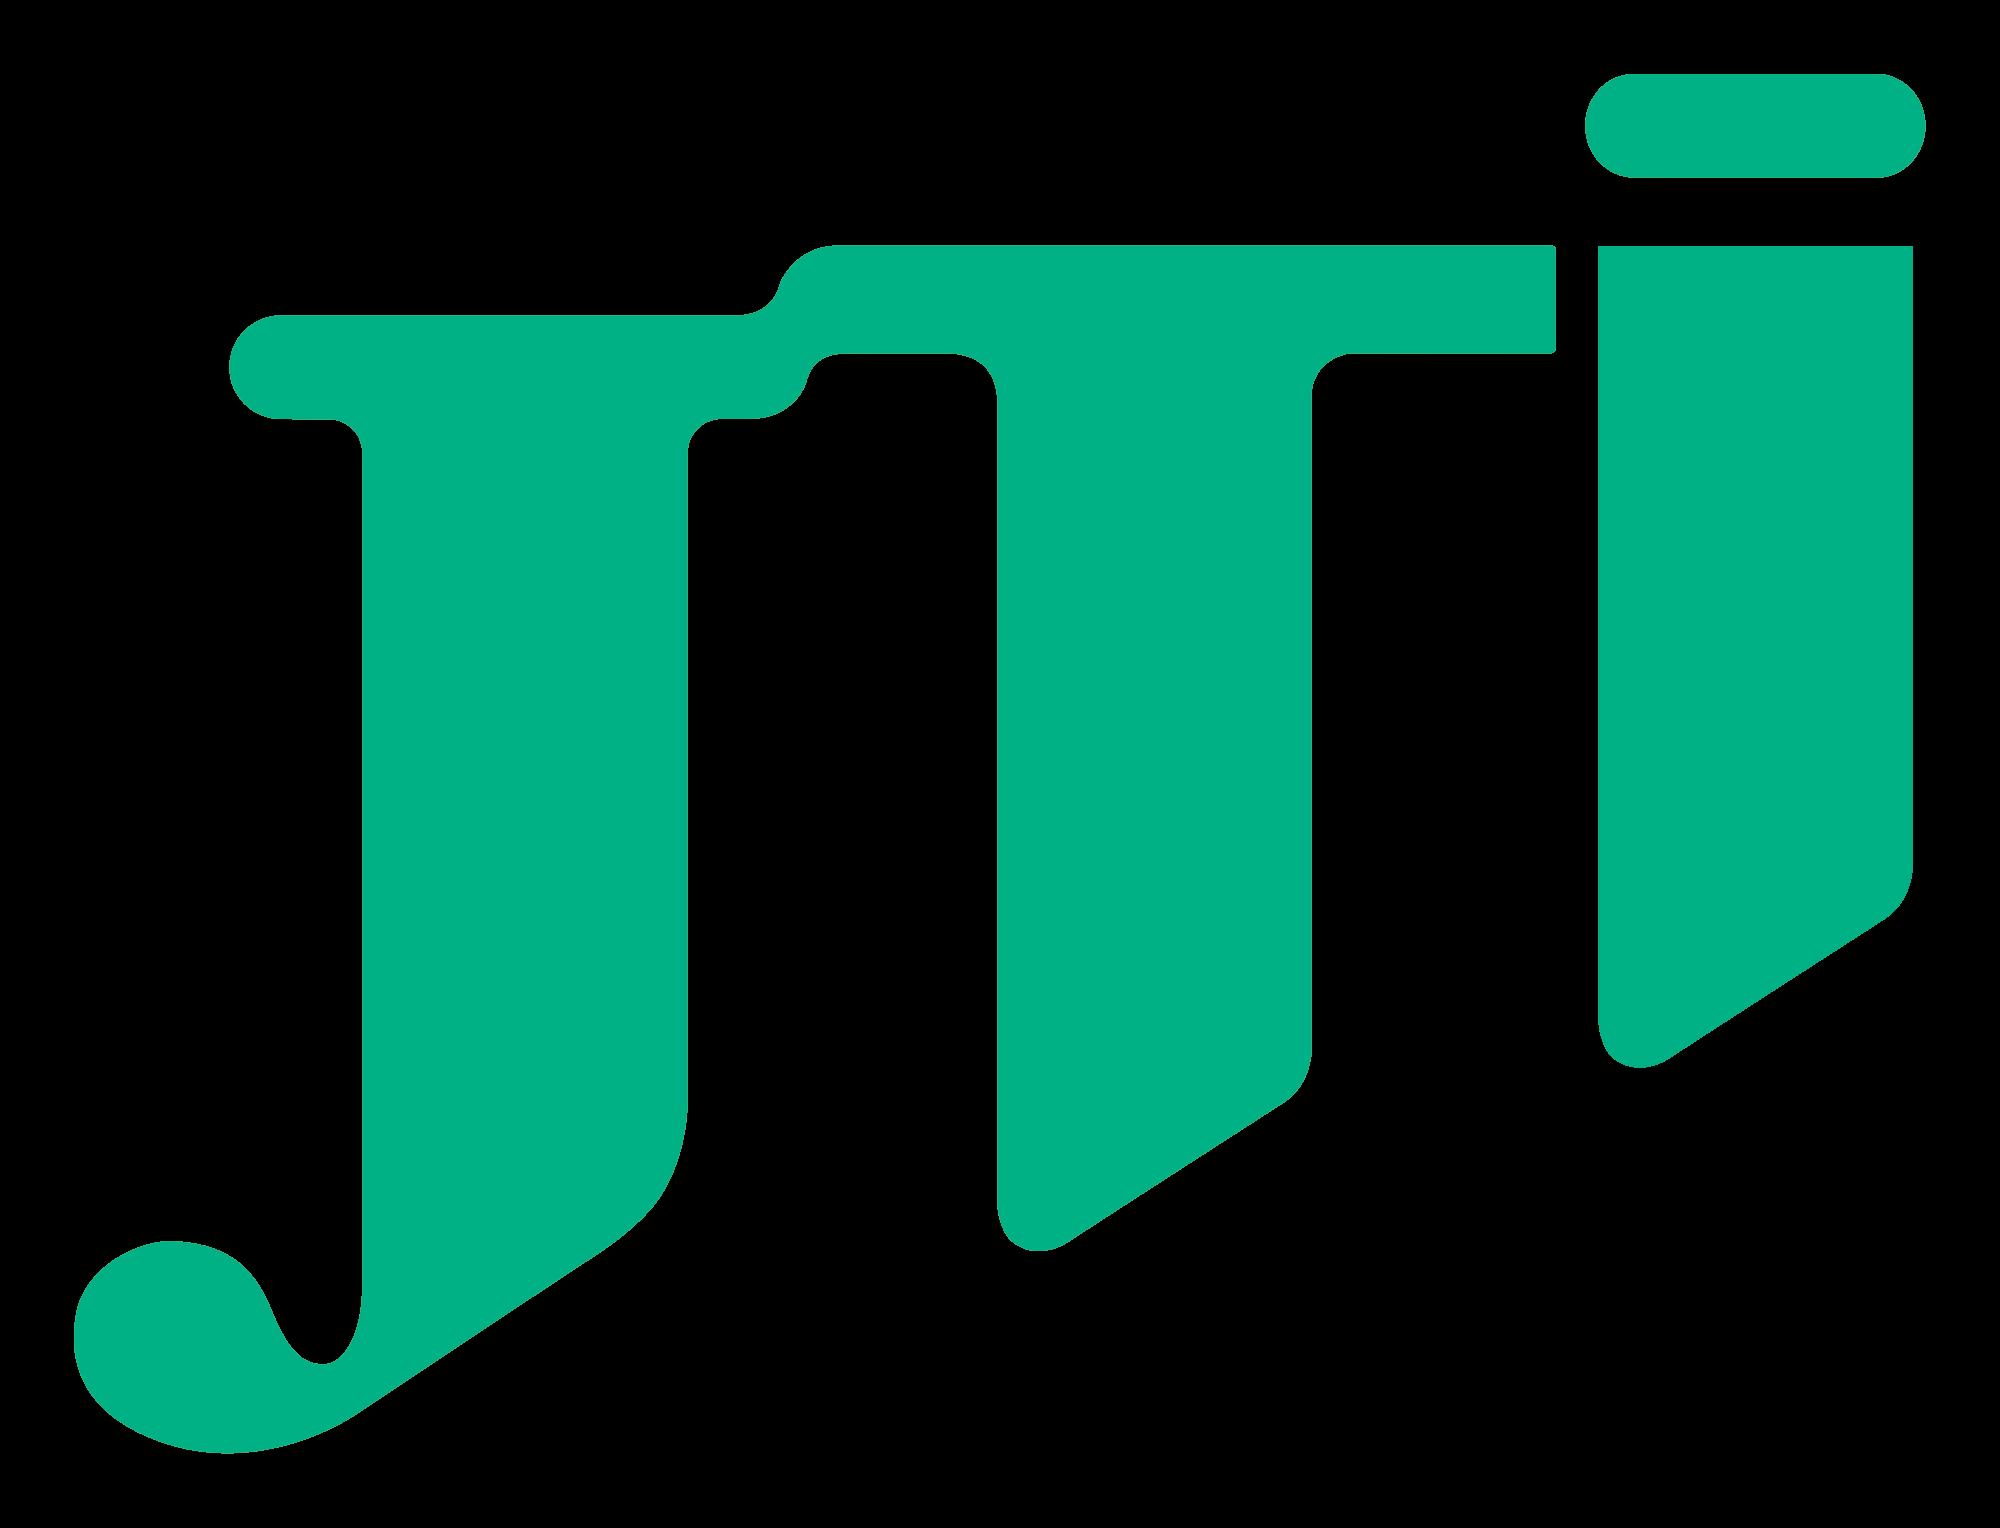 Logo von JTI Japan Tobacco International